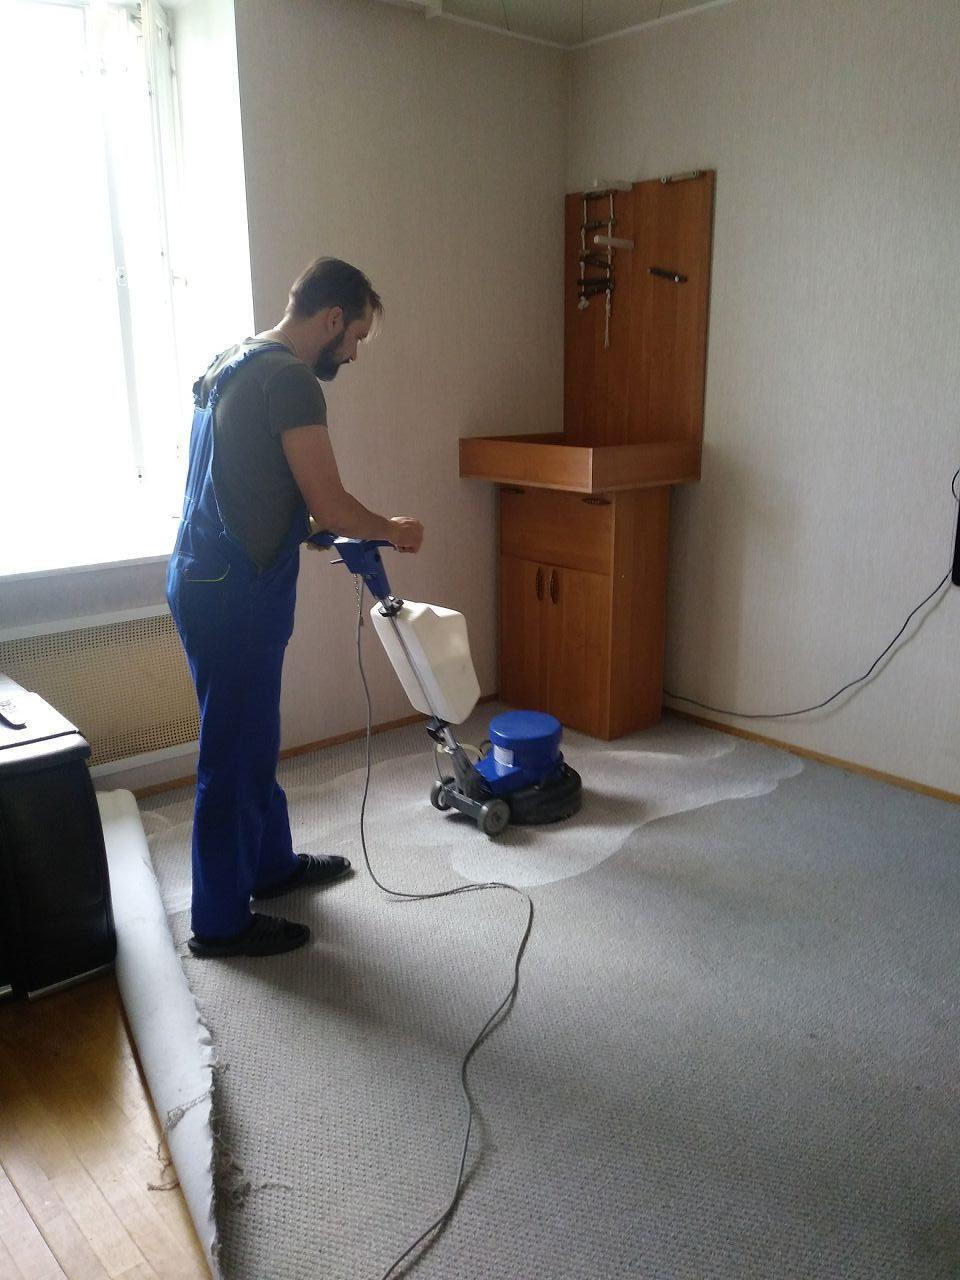 Уборка квартир и офисов от клининговой компании «Уборка тут». Химчистка мебели и мойка окон по выгодным ценам в Мурманске и области